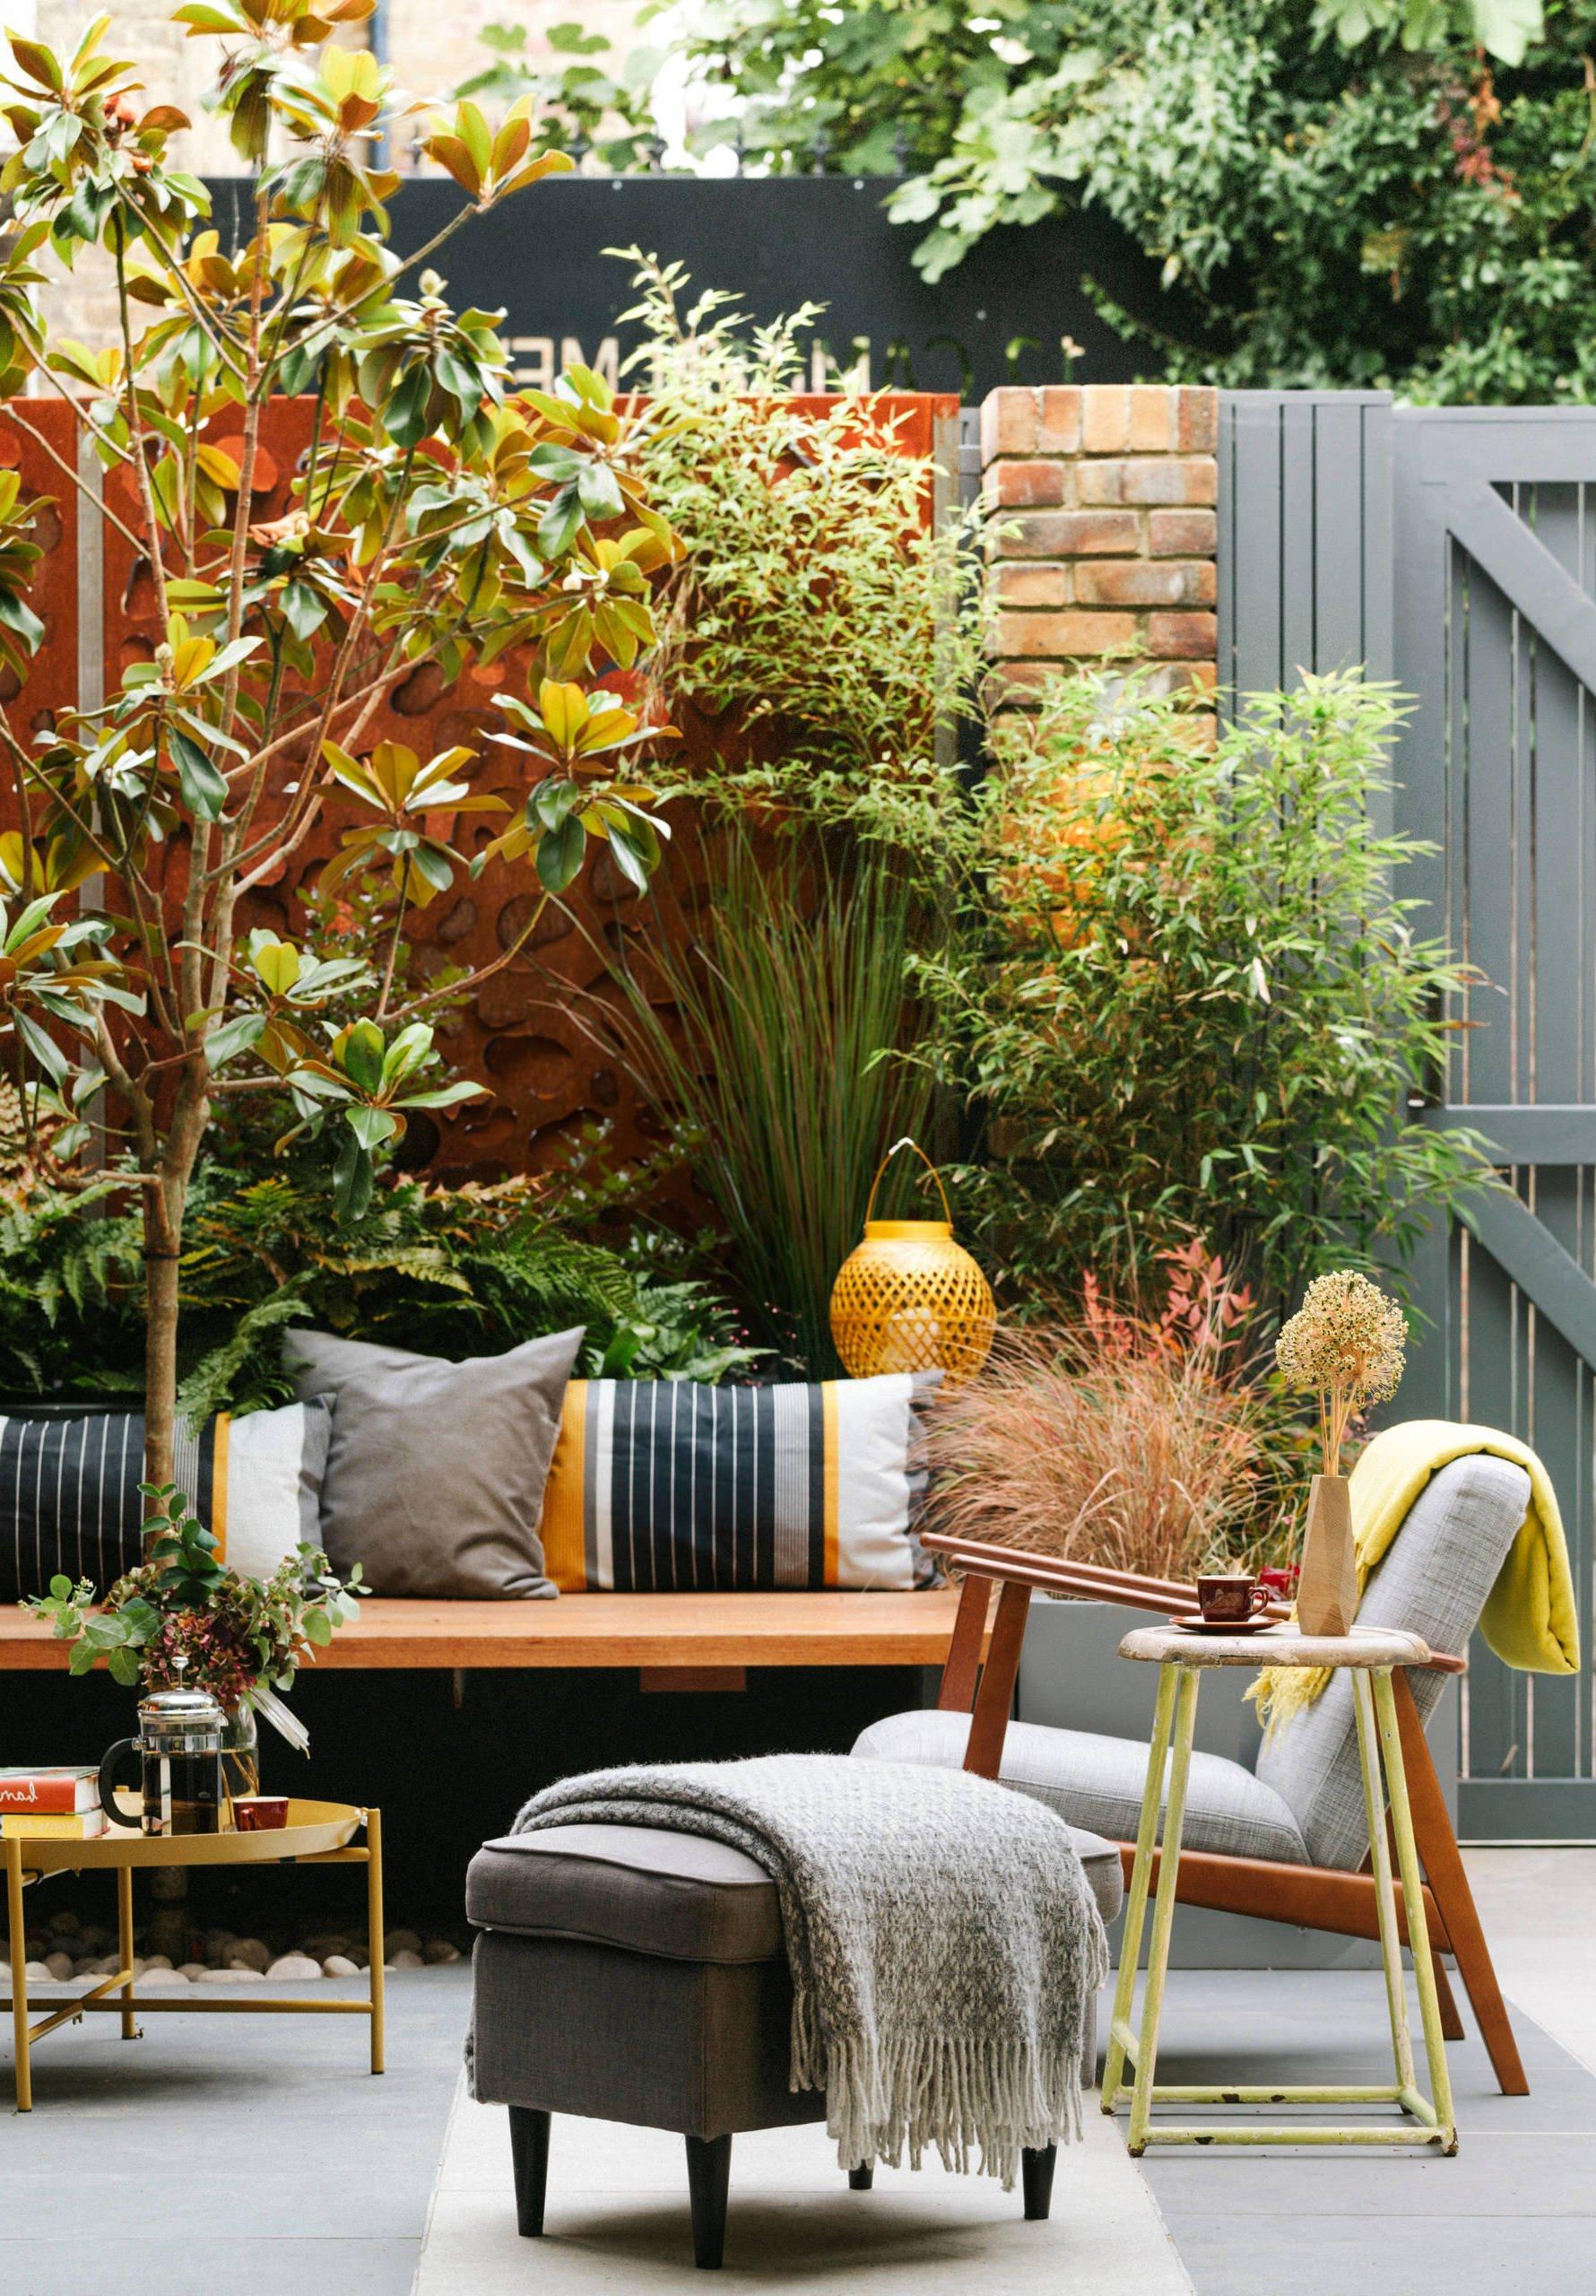 Gartengestaltung für Entspannungsort -  Komplett neues Gartenkonzept entwickeln